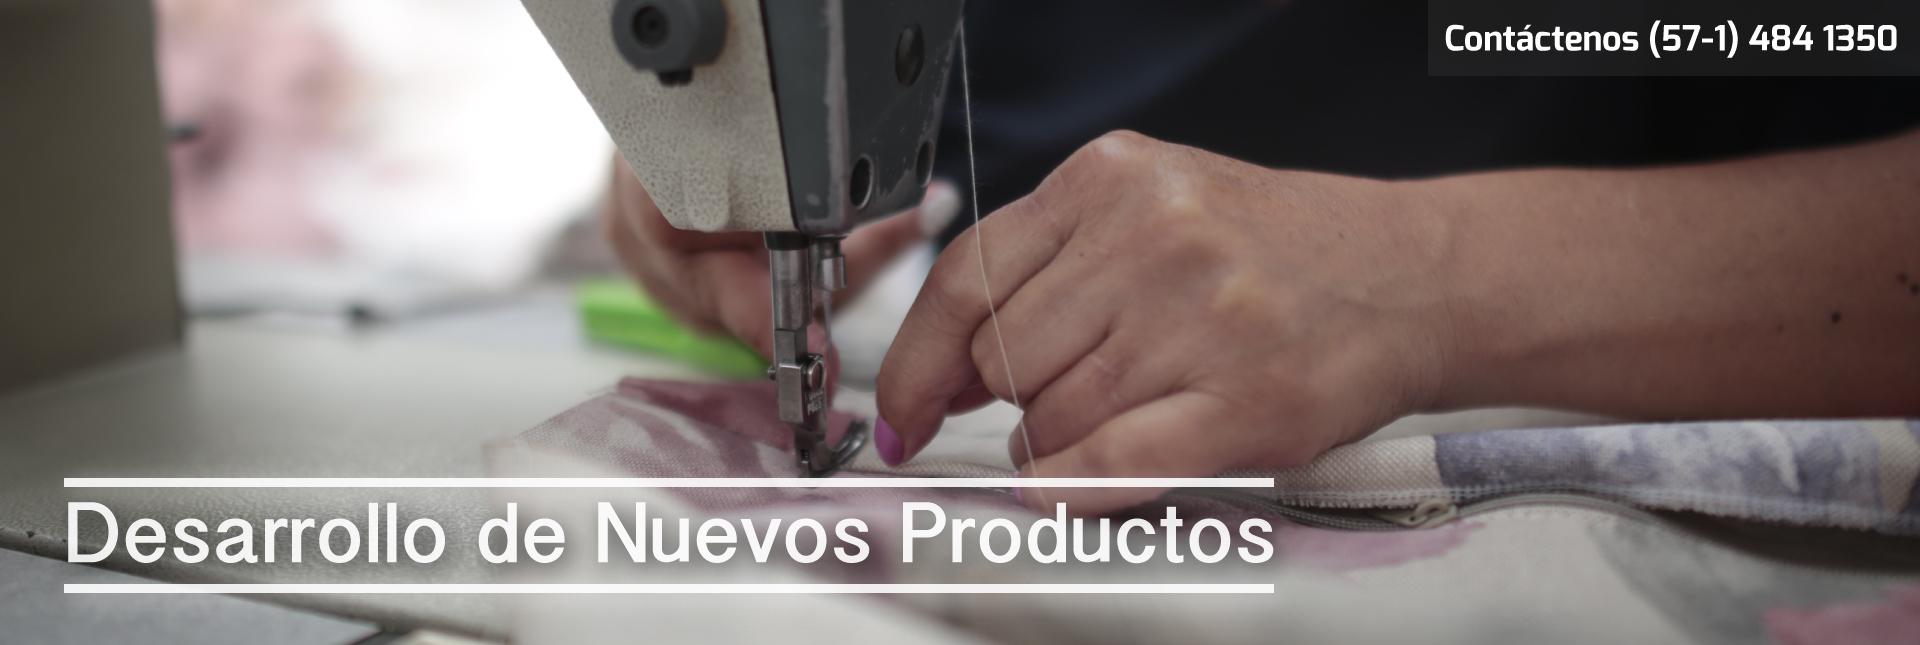 desarrollo-de-nuevos-productos